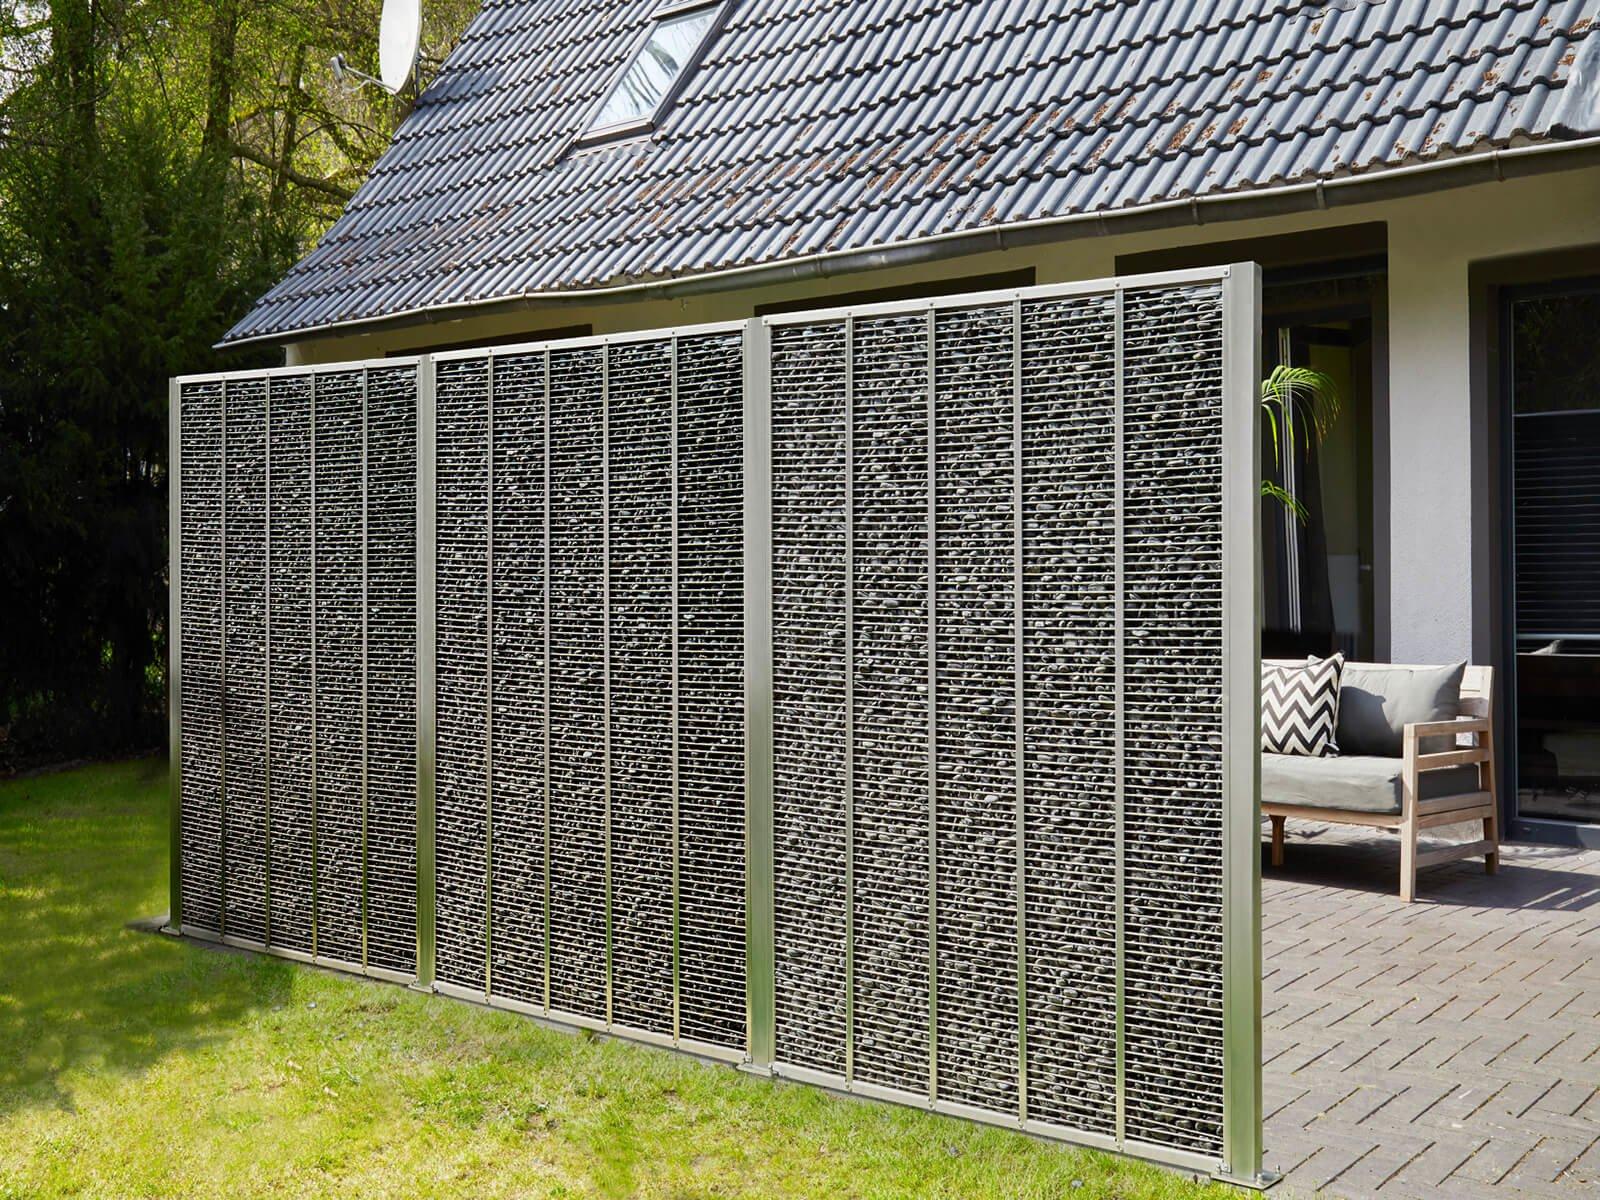 Gabione mit Steinen als Wind-, Sicht- und Lärmschutz im eleganten und schmalen Design ideal für Garten und Terrasse